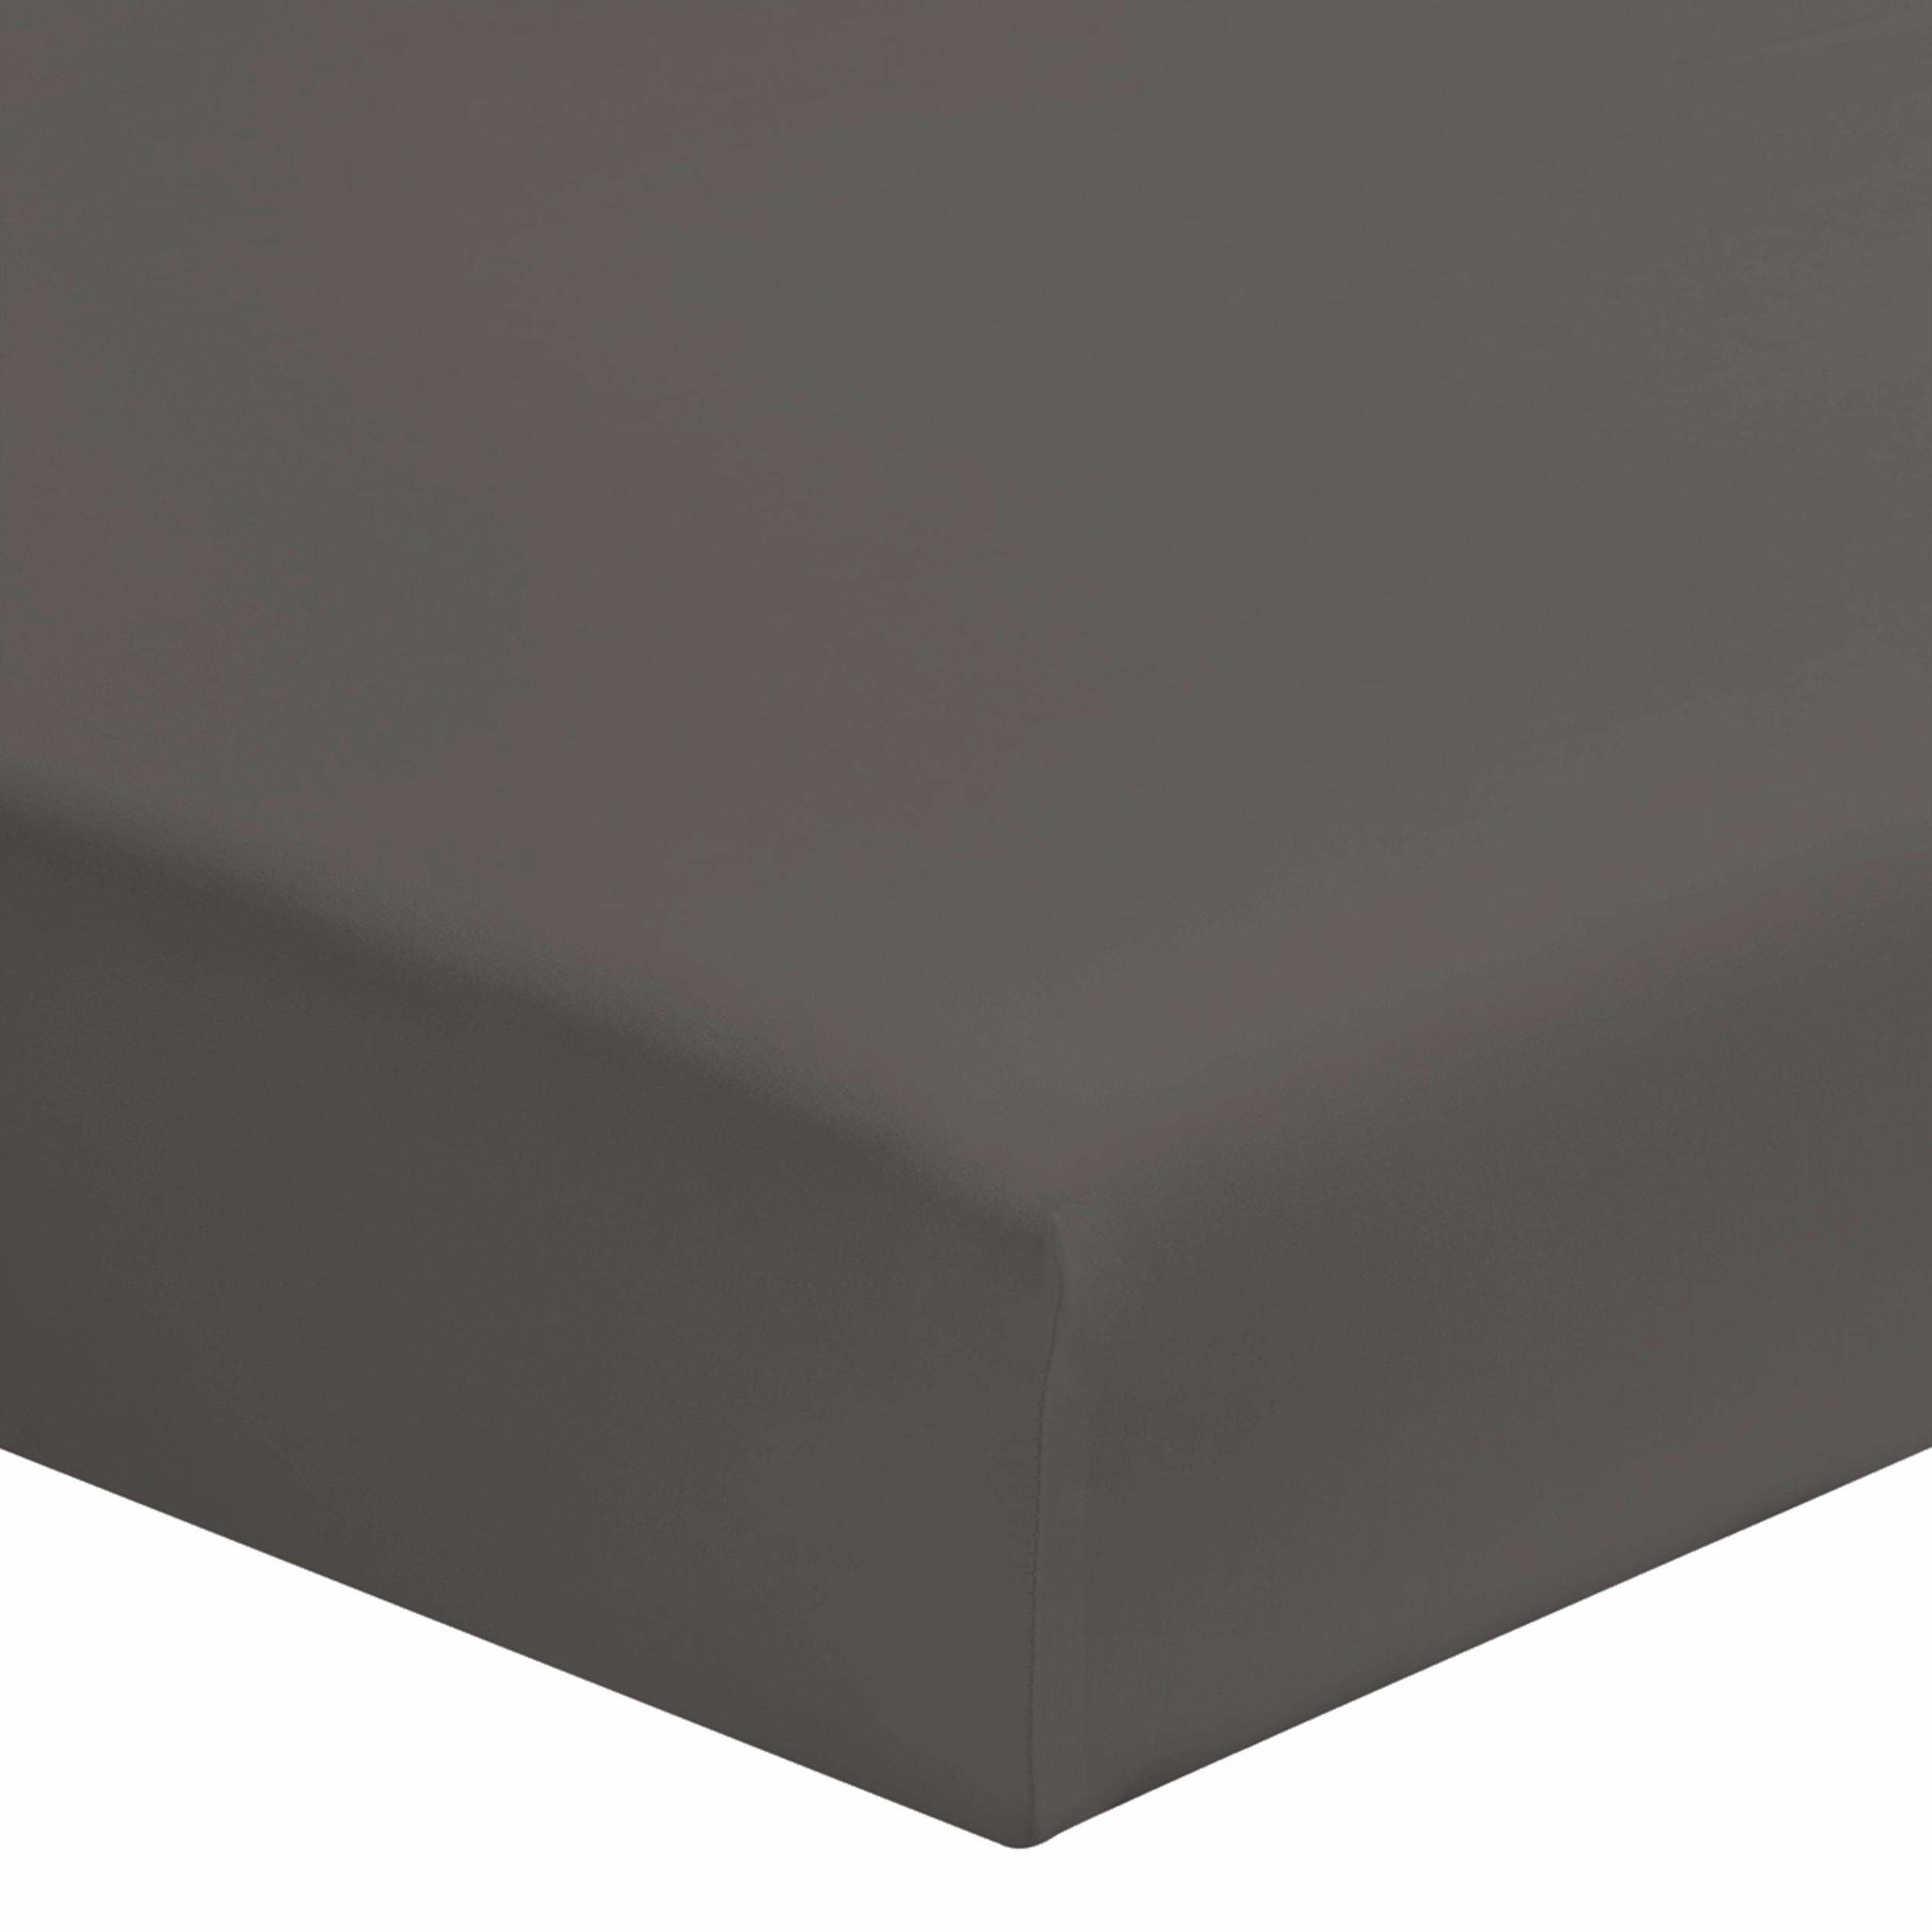 Drap housse uni en coton gris 140x190